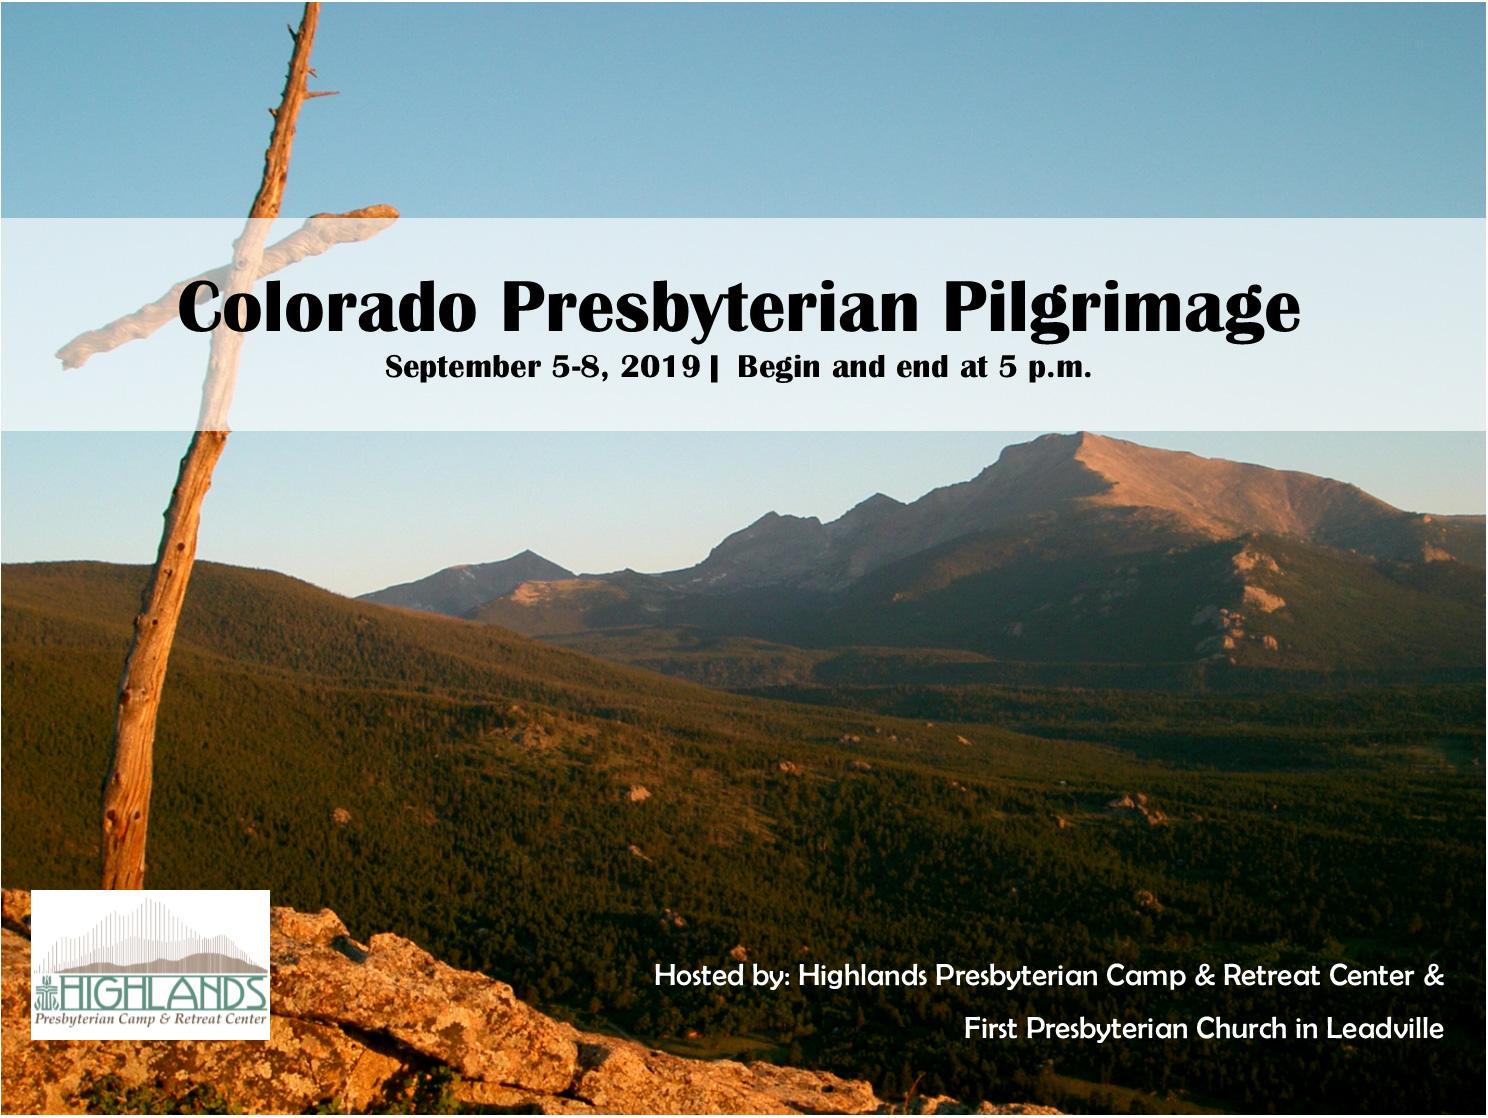 2019 Colorado Pilgrimage image.jpg